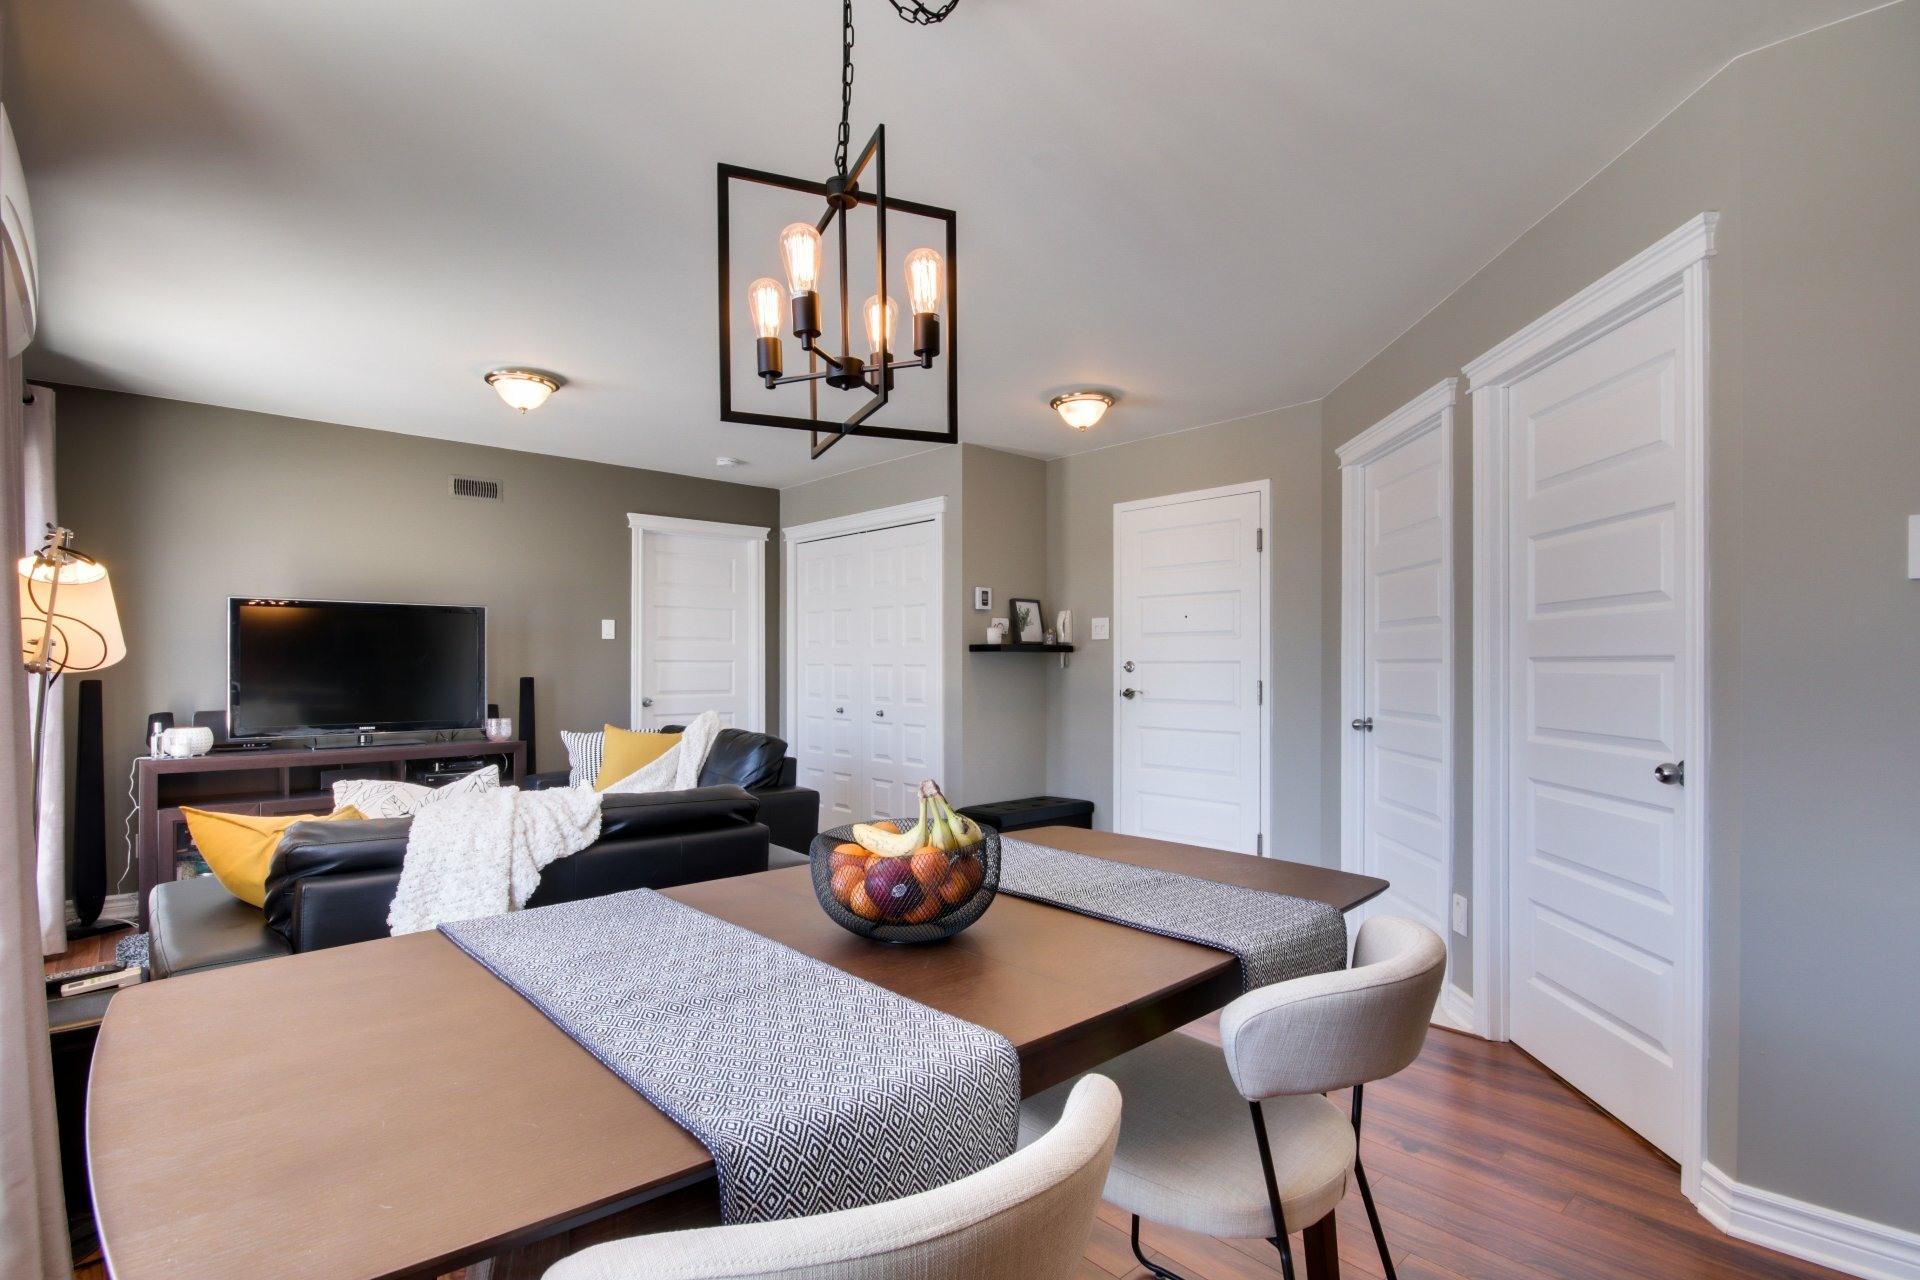 image 12 - Apartment For sale Trois-Rivières - 6 rooms